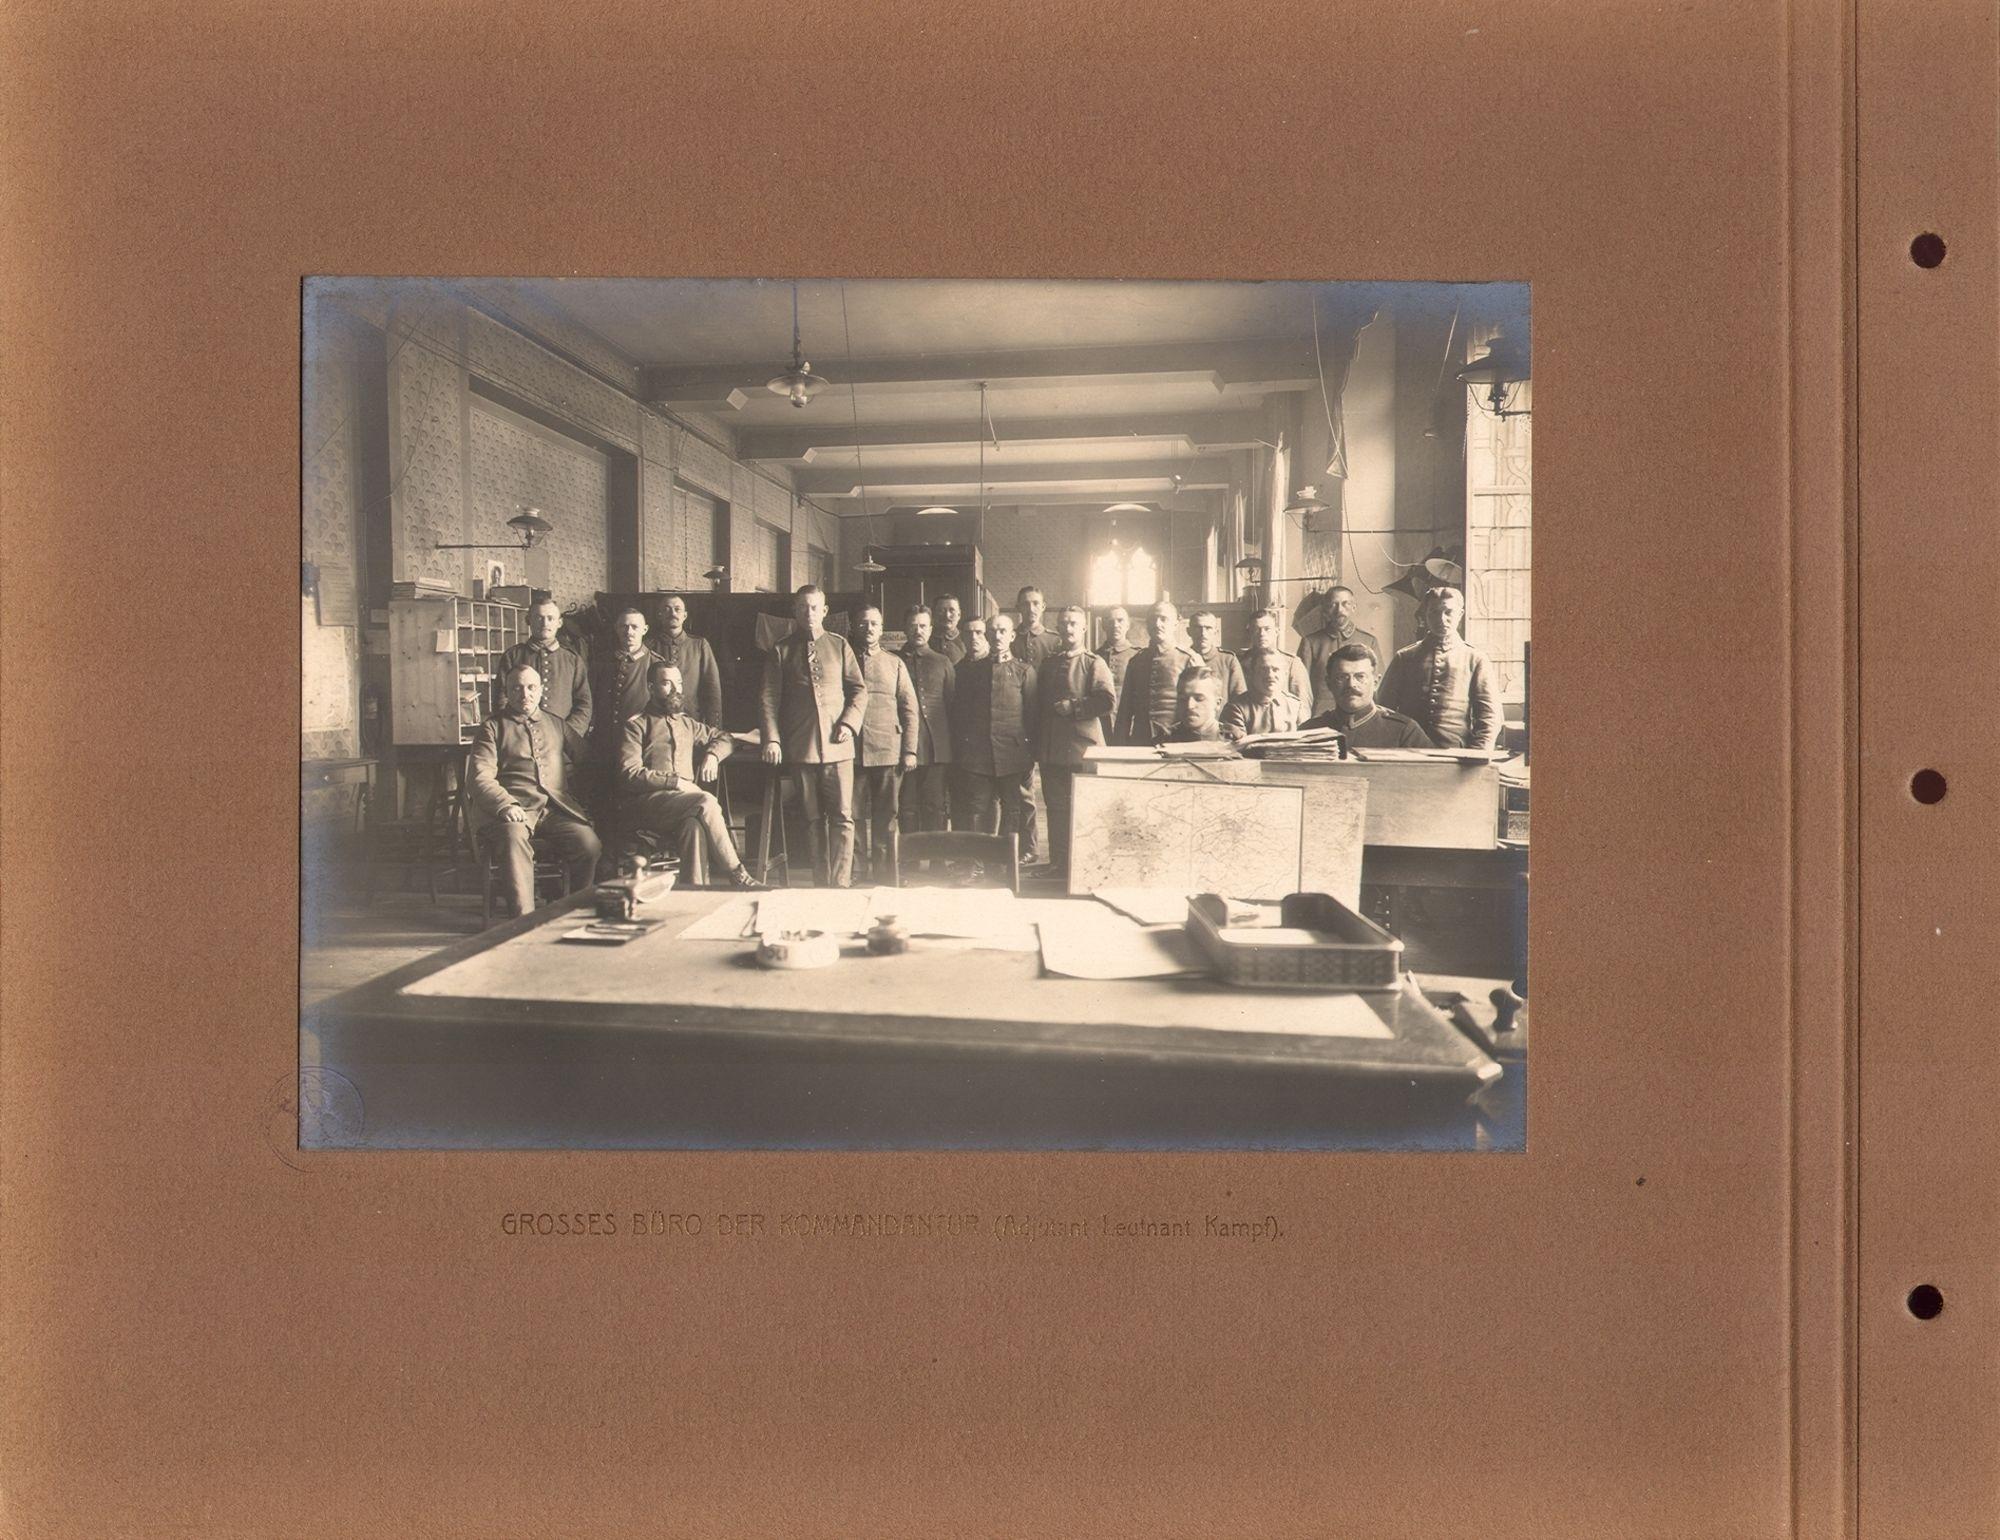 Kommandantur in 1916.